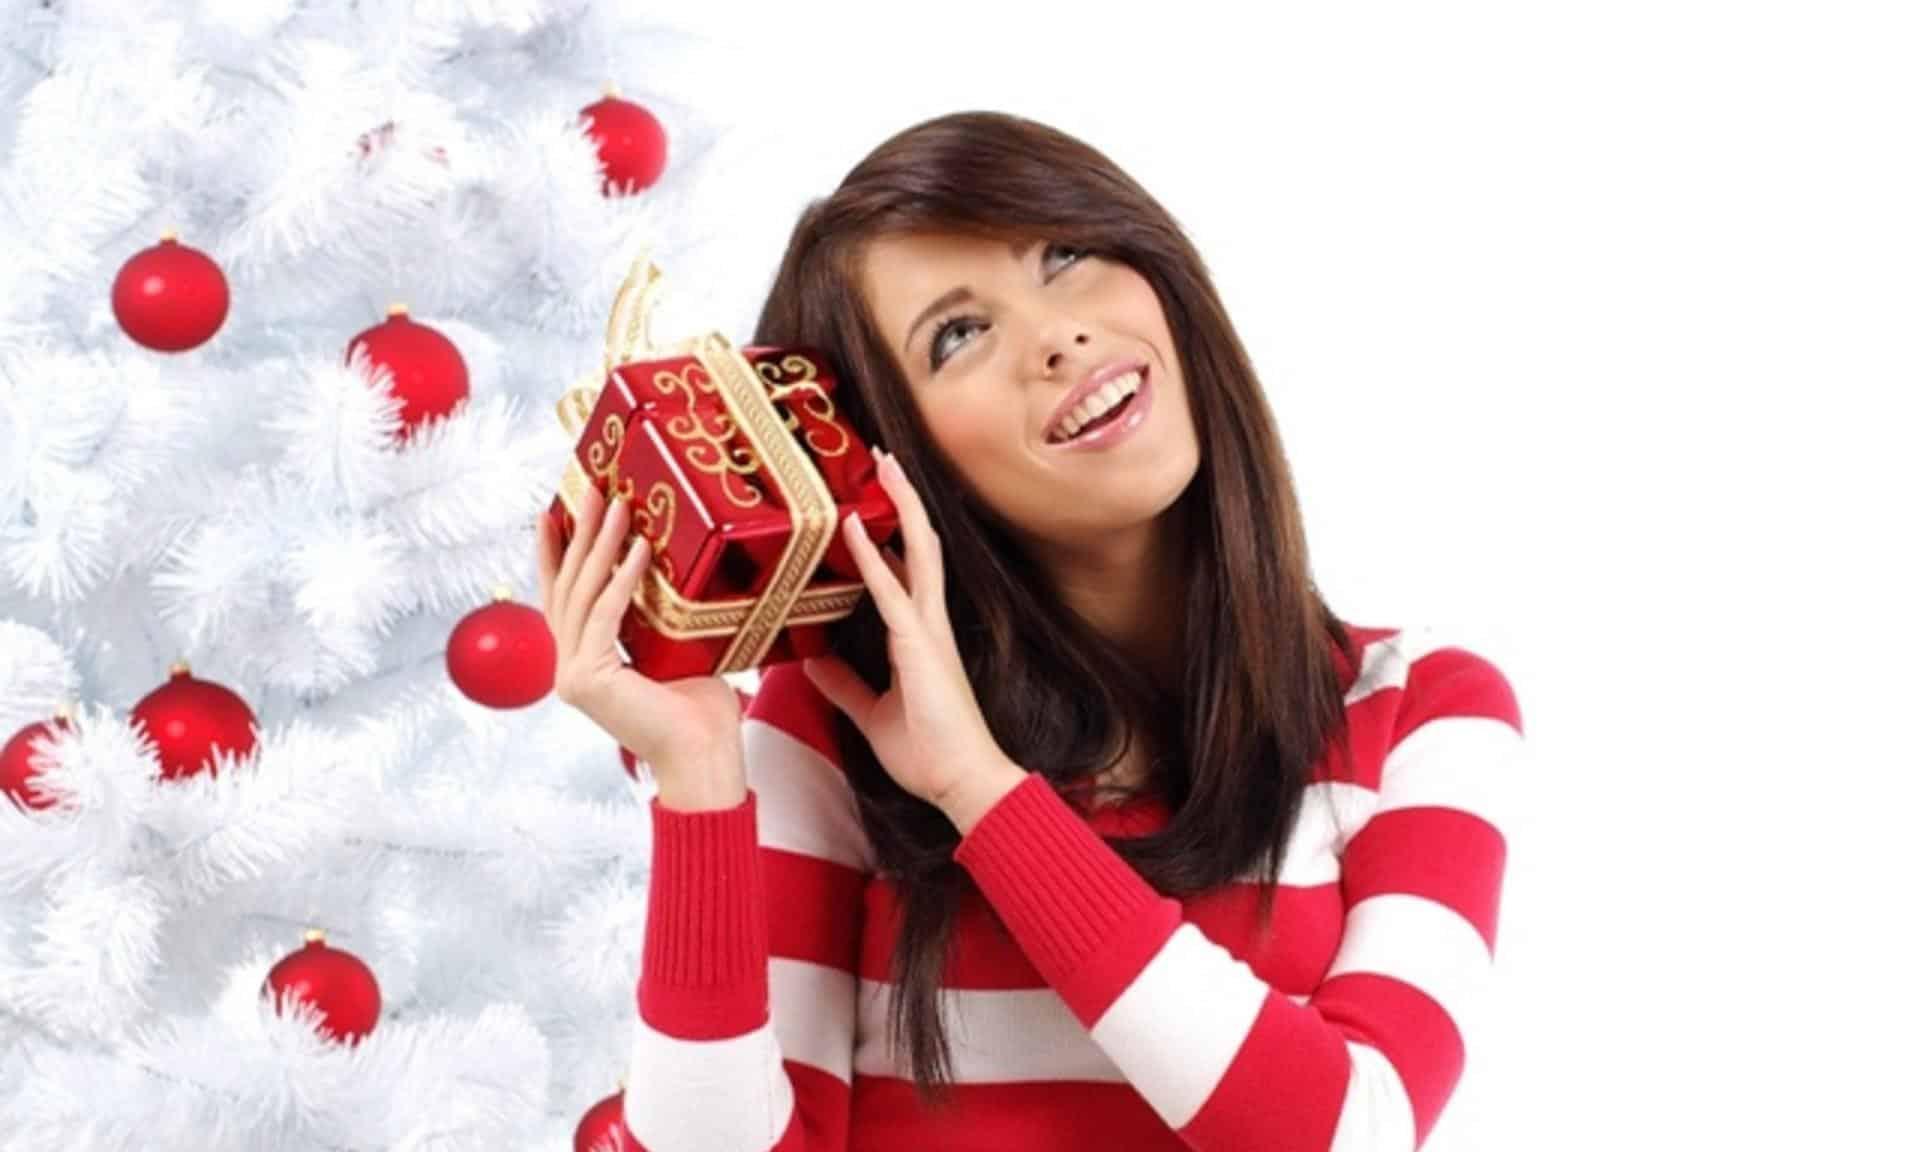 تبحثين عن هدية مميزة لرأس السنة؟ تابعي معنا هذا المقال لإيجاد ضالتك!